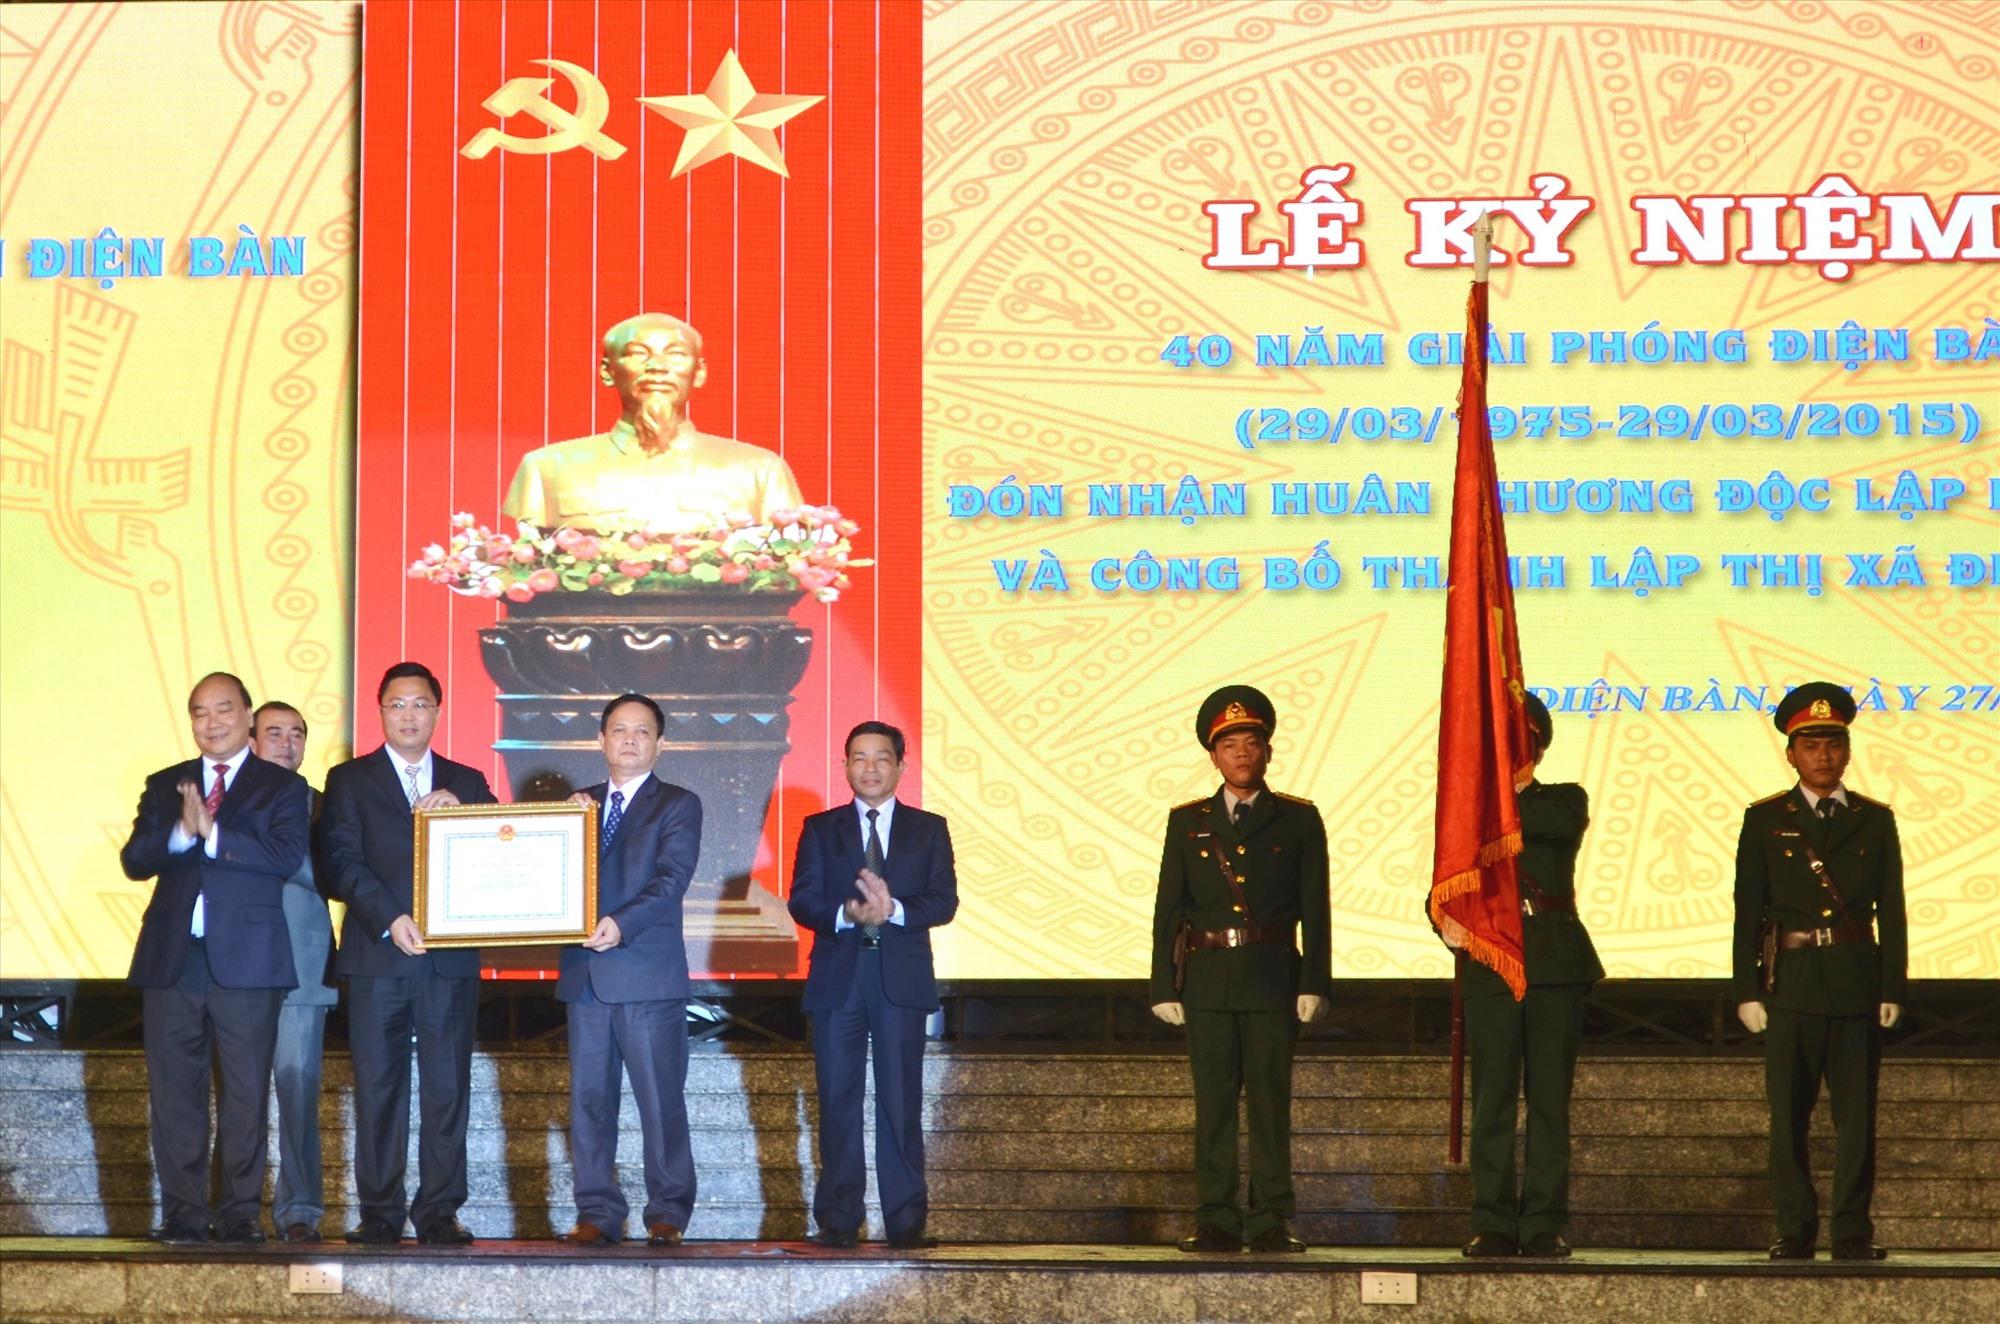 """Điện Bàn được trao tặng """"Huân chương Độc lập hạng Nhì"""" và công bố trở thành thị xã năm 2015.Ảnh: C.T"""